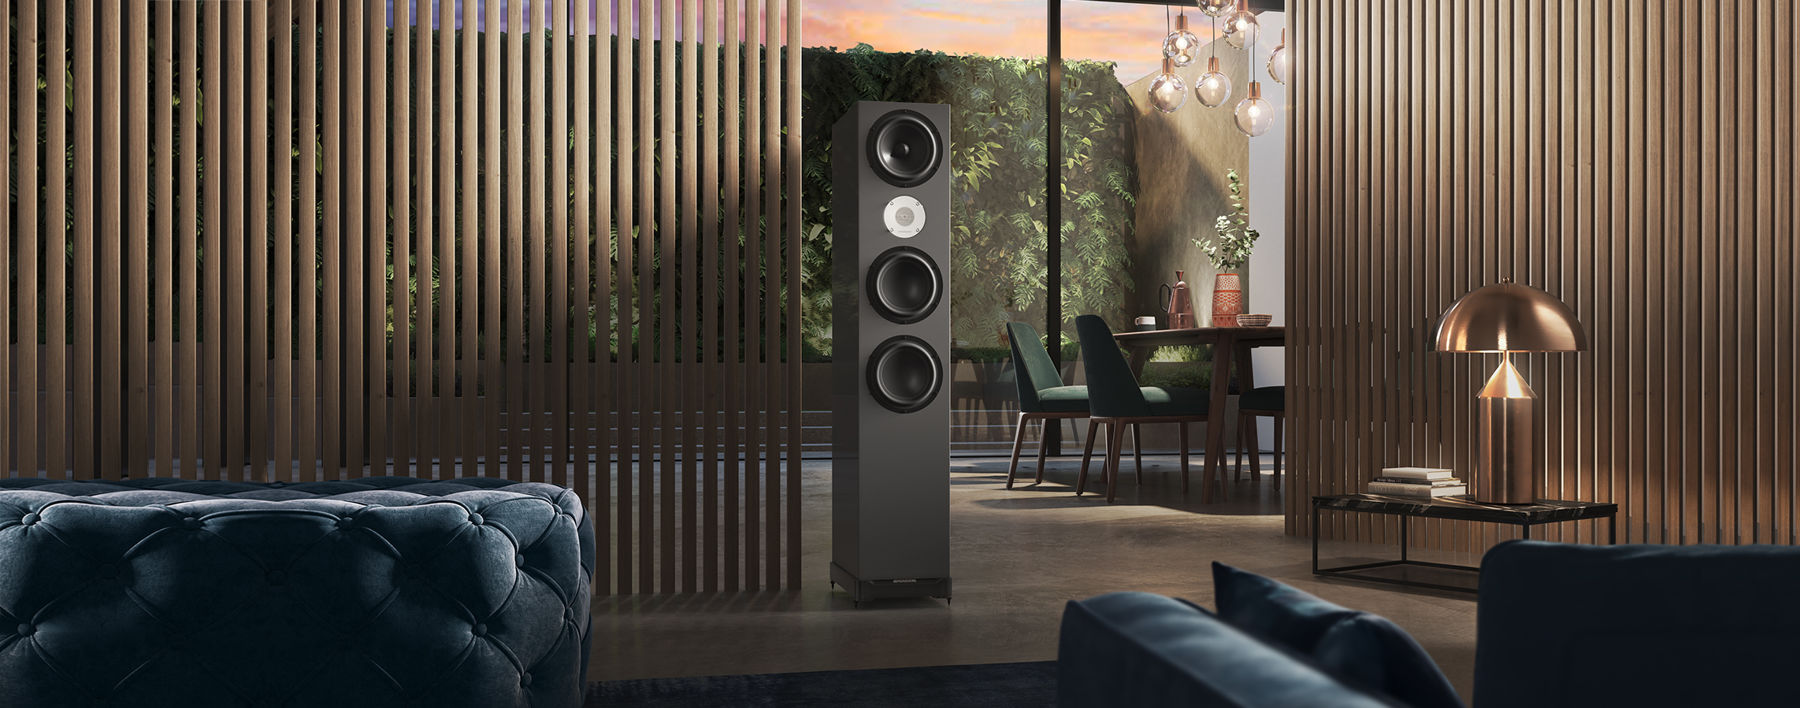 Spendor D9 2 - Jordan Acoustics